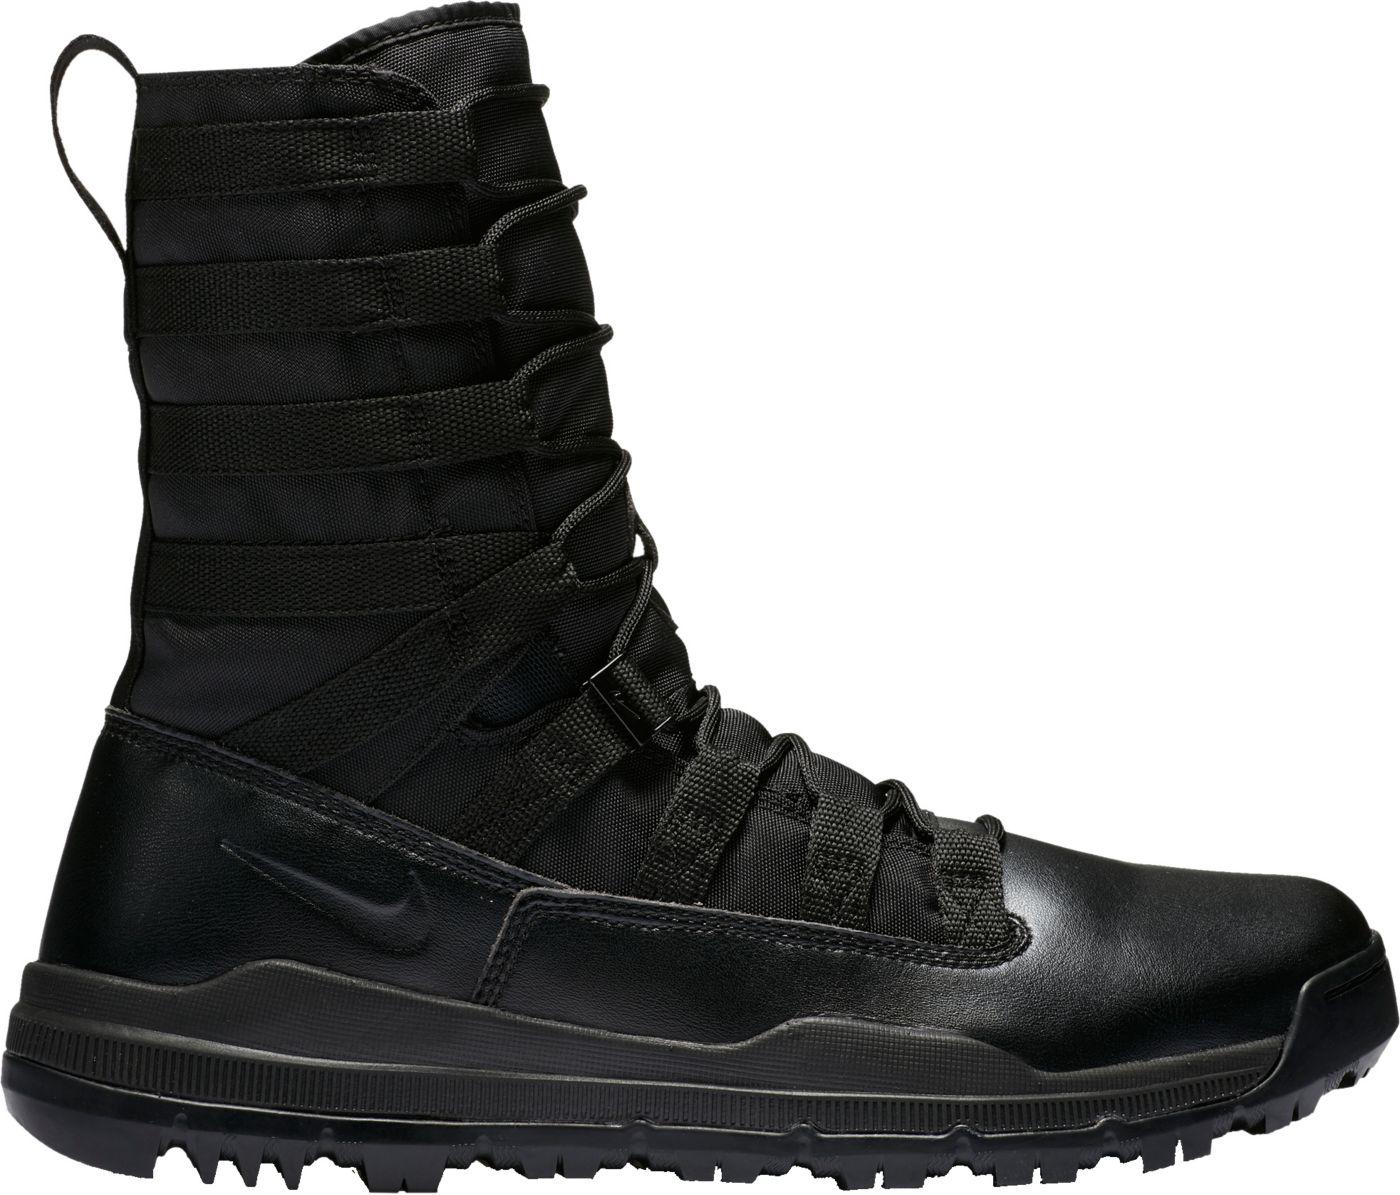 Nike Men's SFB Gen 2 8'' Tactical Boots